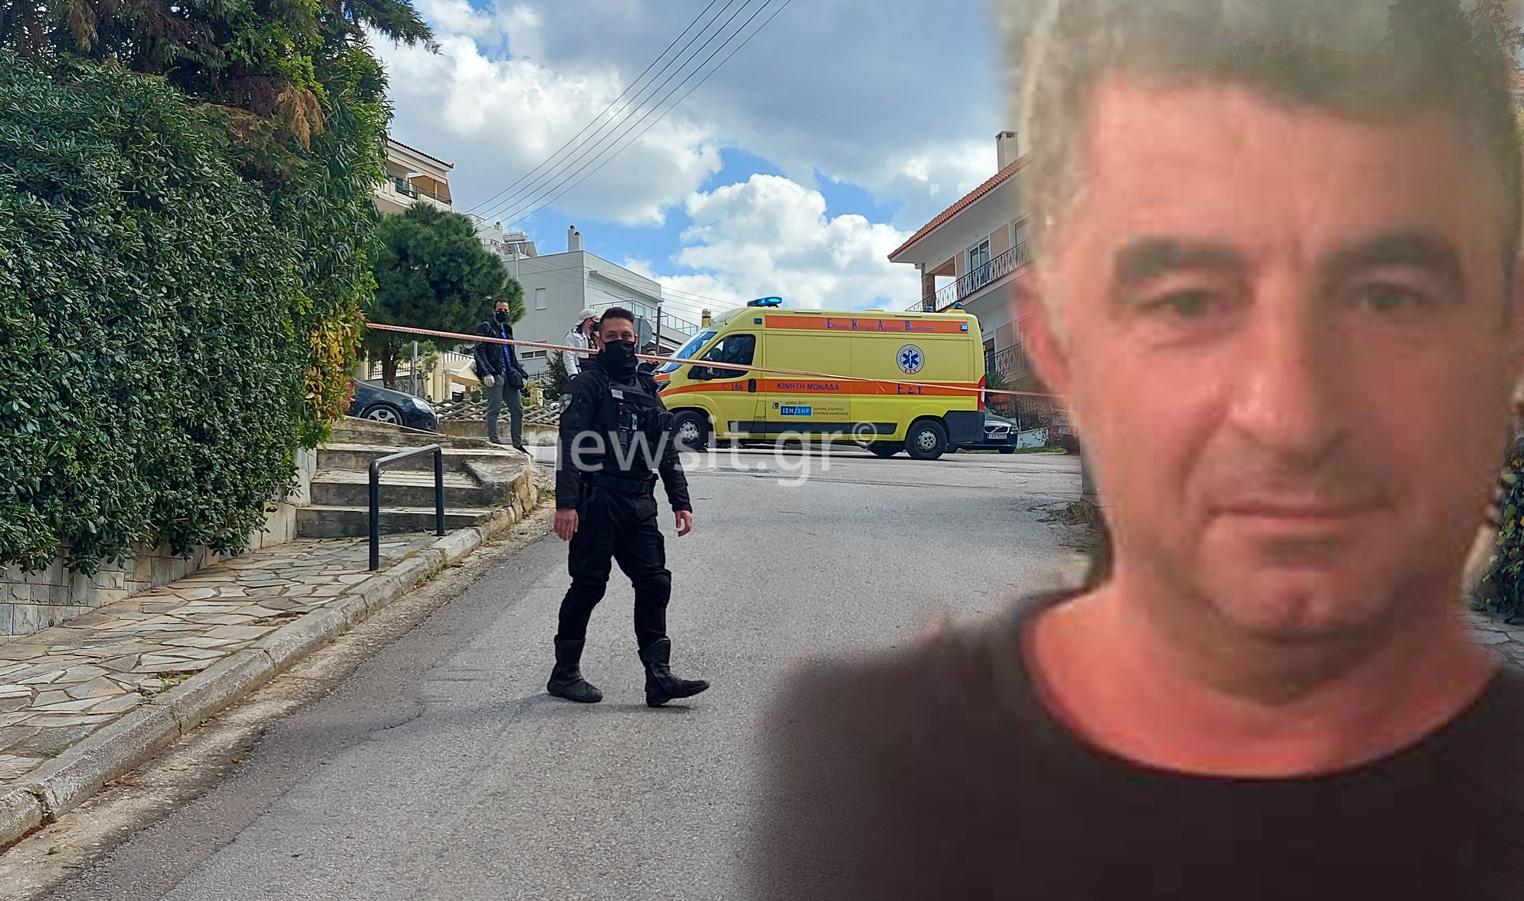 Γιώργος Καραϊβάζ: Έρευνες για πληρωμένους εκτελεστές από το εξωτερικό – Βίντεο ντοκουμέντα στα χέρια της Αστυνομίας